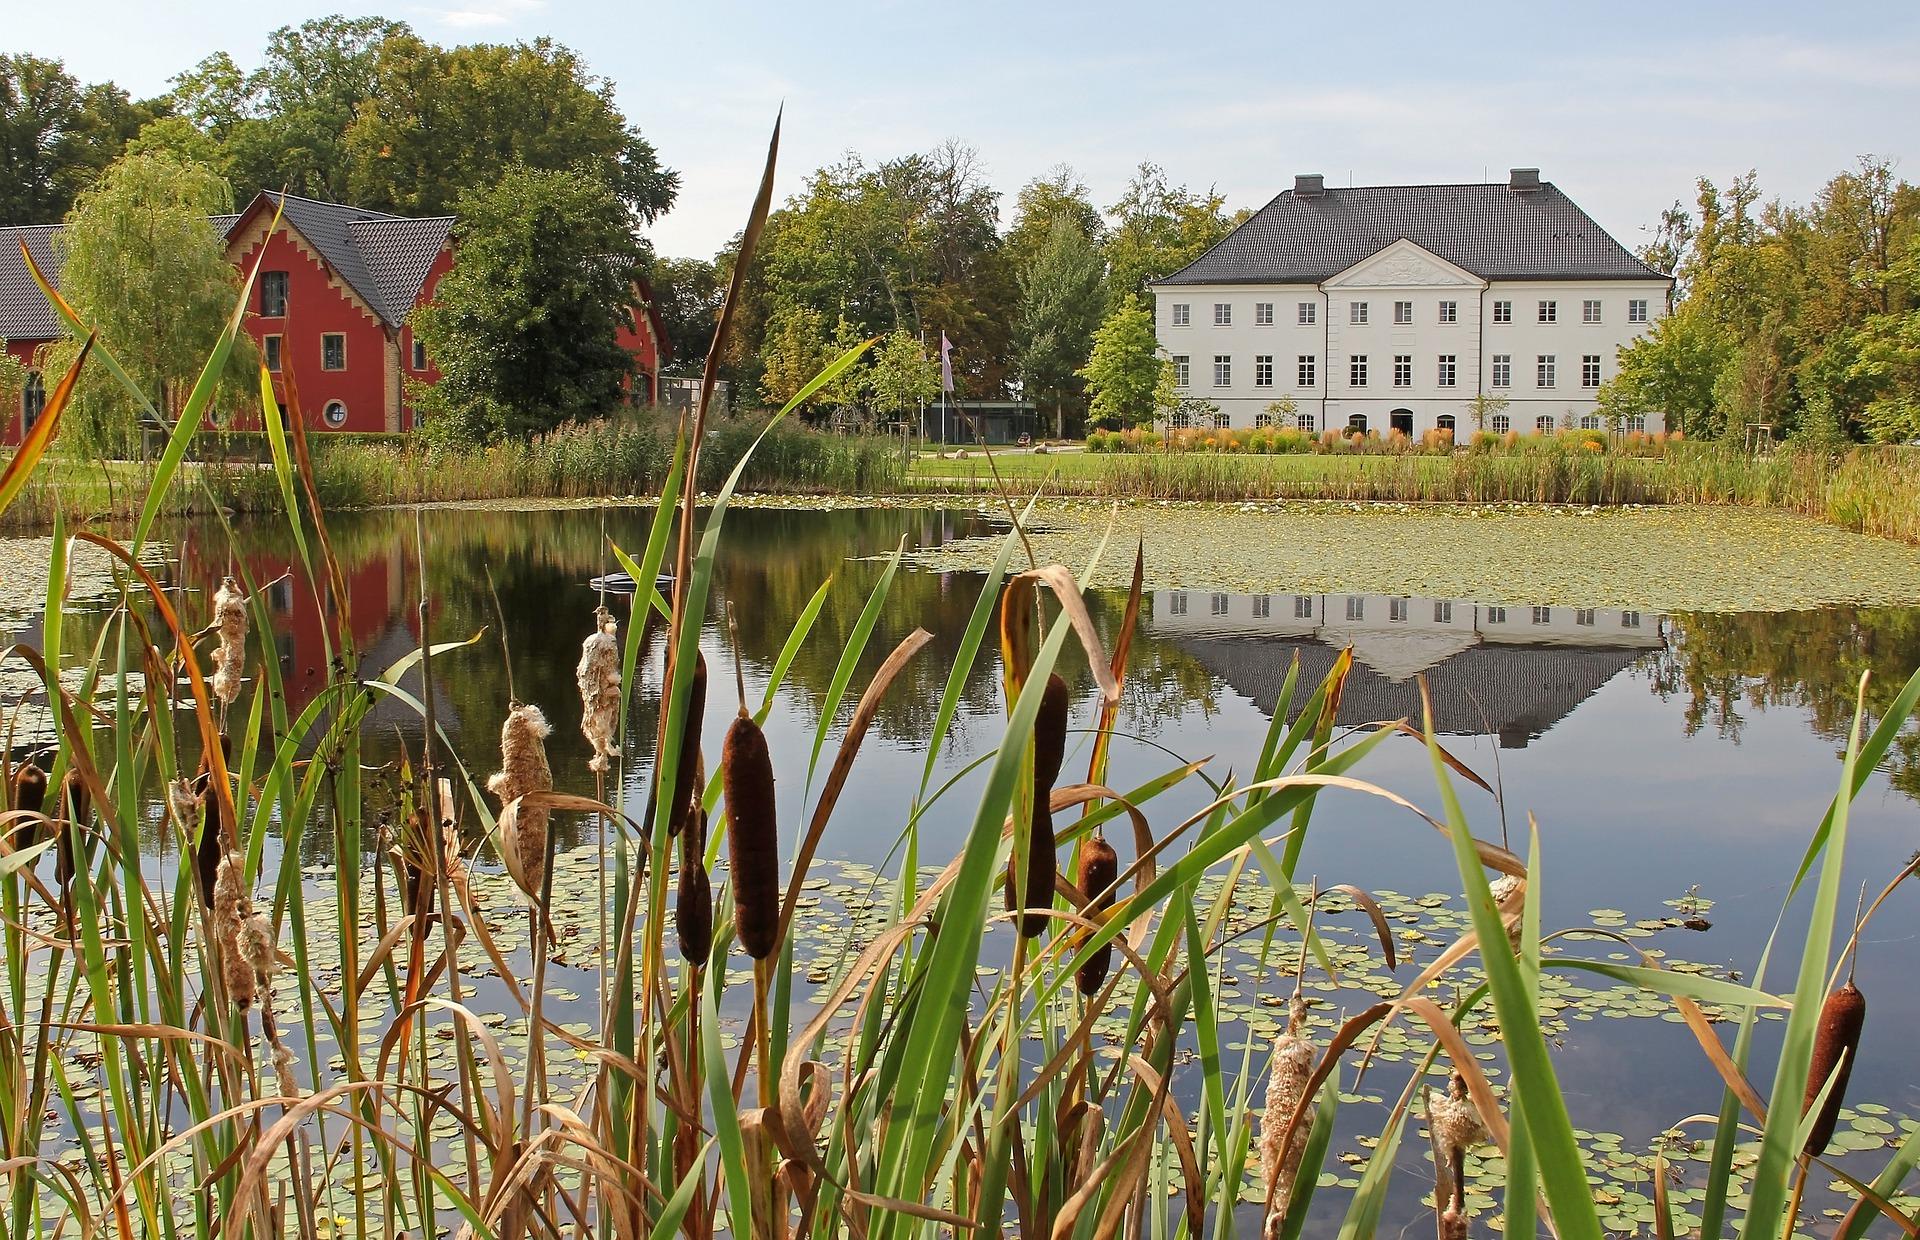 Pflegeheim zu verkaufen in Mecklenburg-Vorpommern